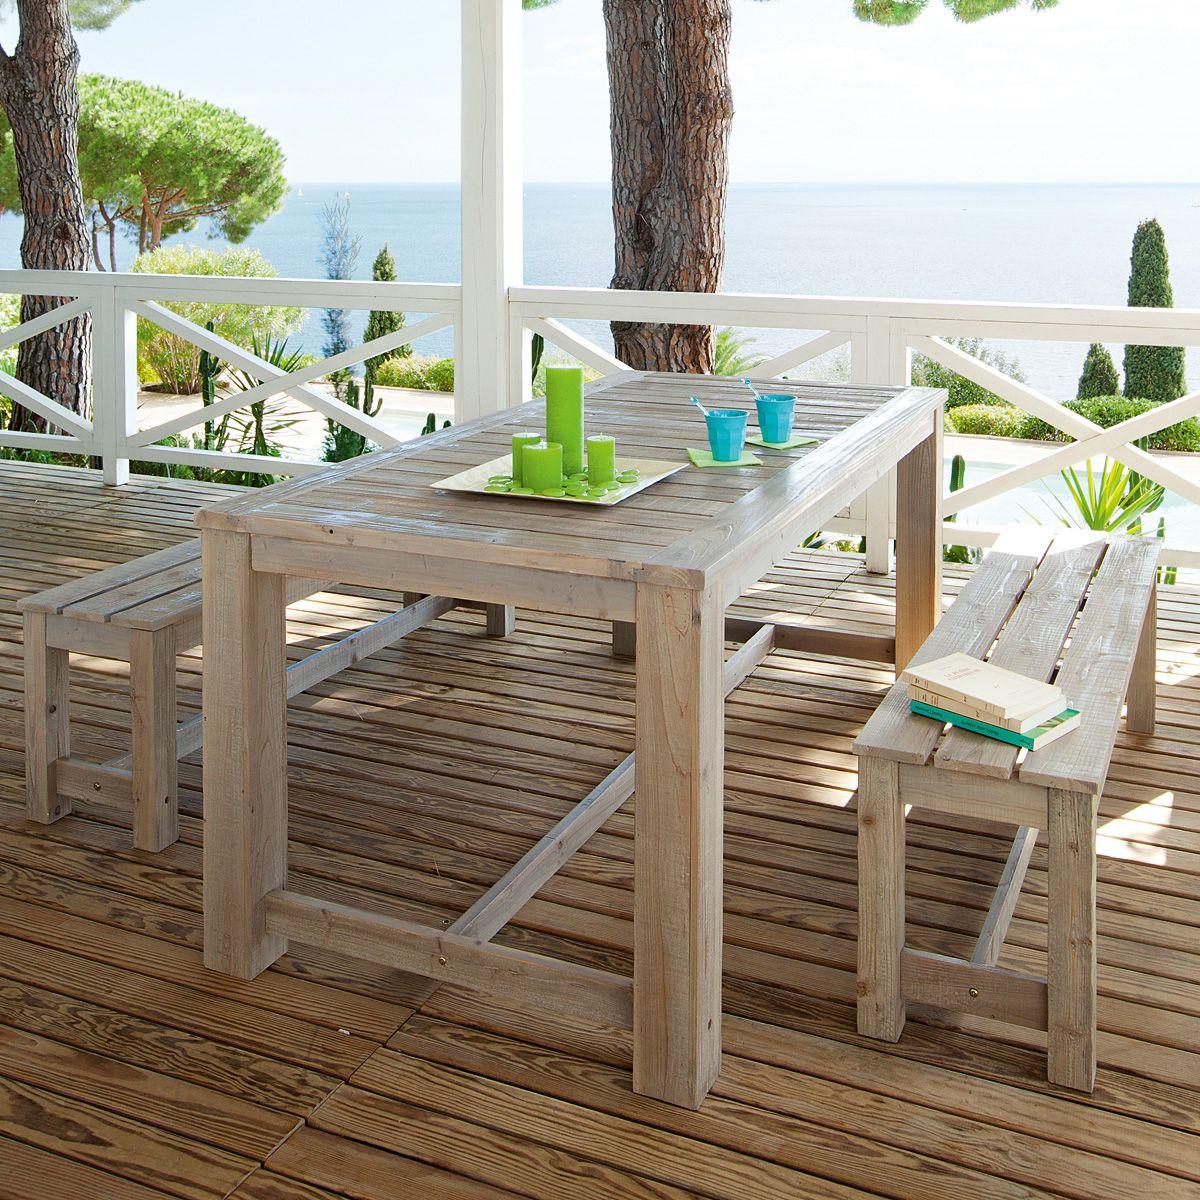 table de jardin et bancs en bois maison artur stiles - Table De Jardin En Palette De Bois